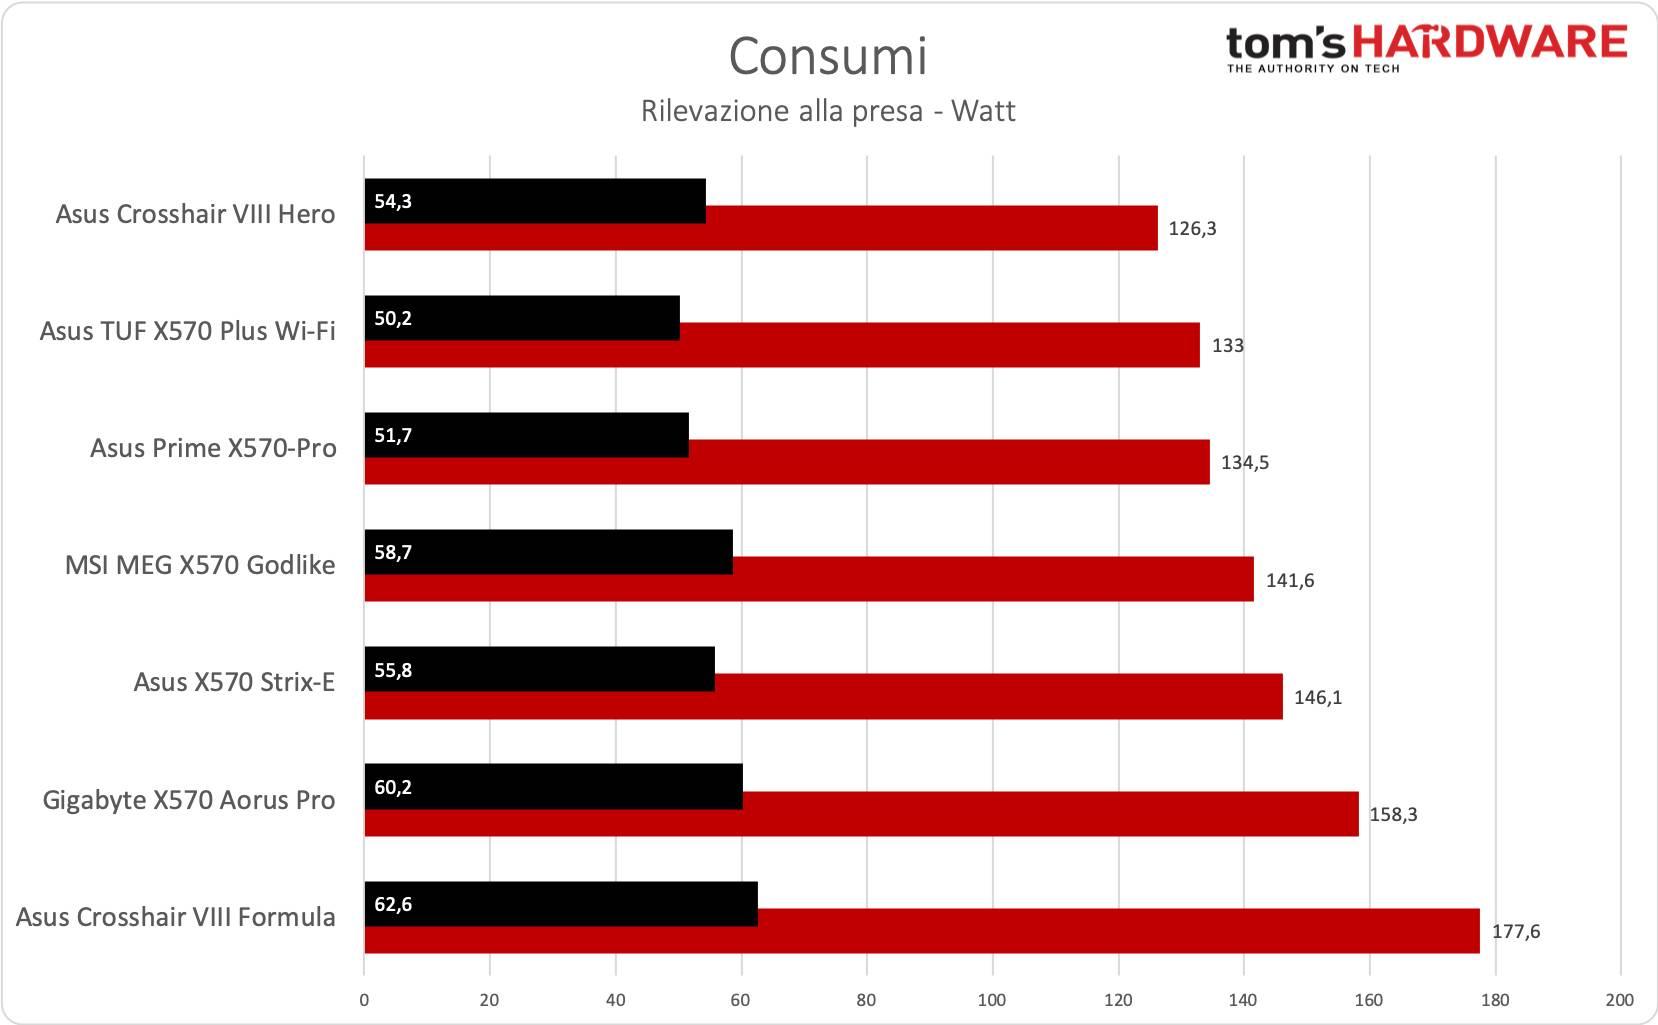 Asus TUF Gaming X570-Plus Wi-Fi - Consumi